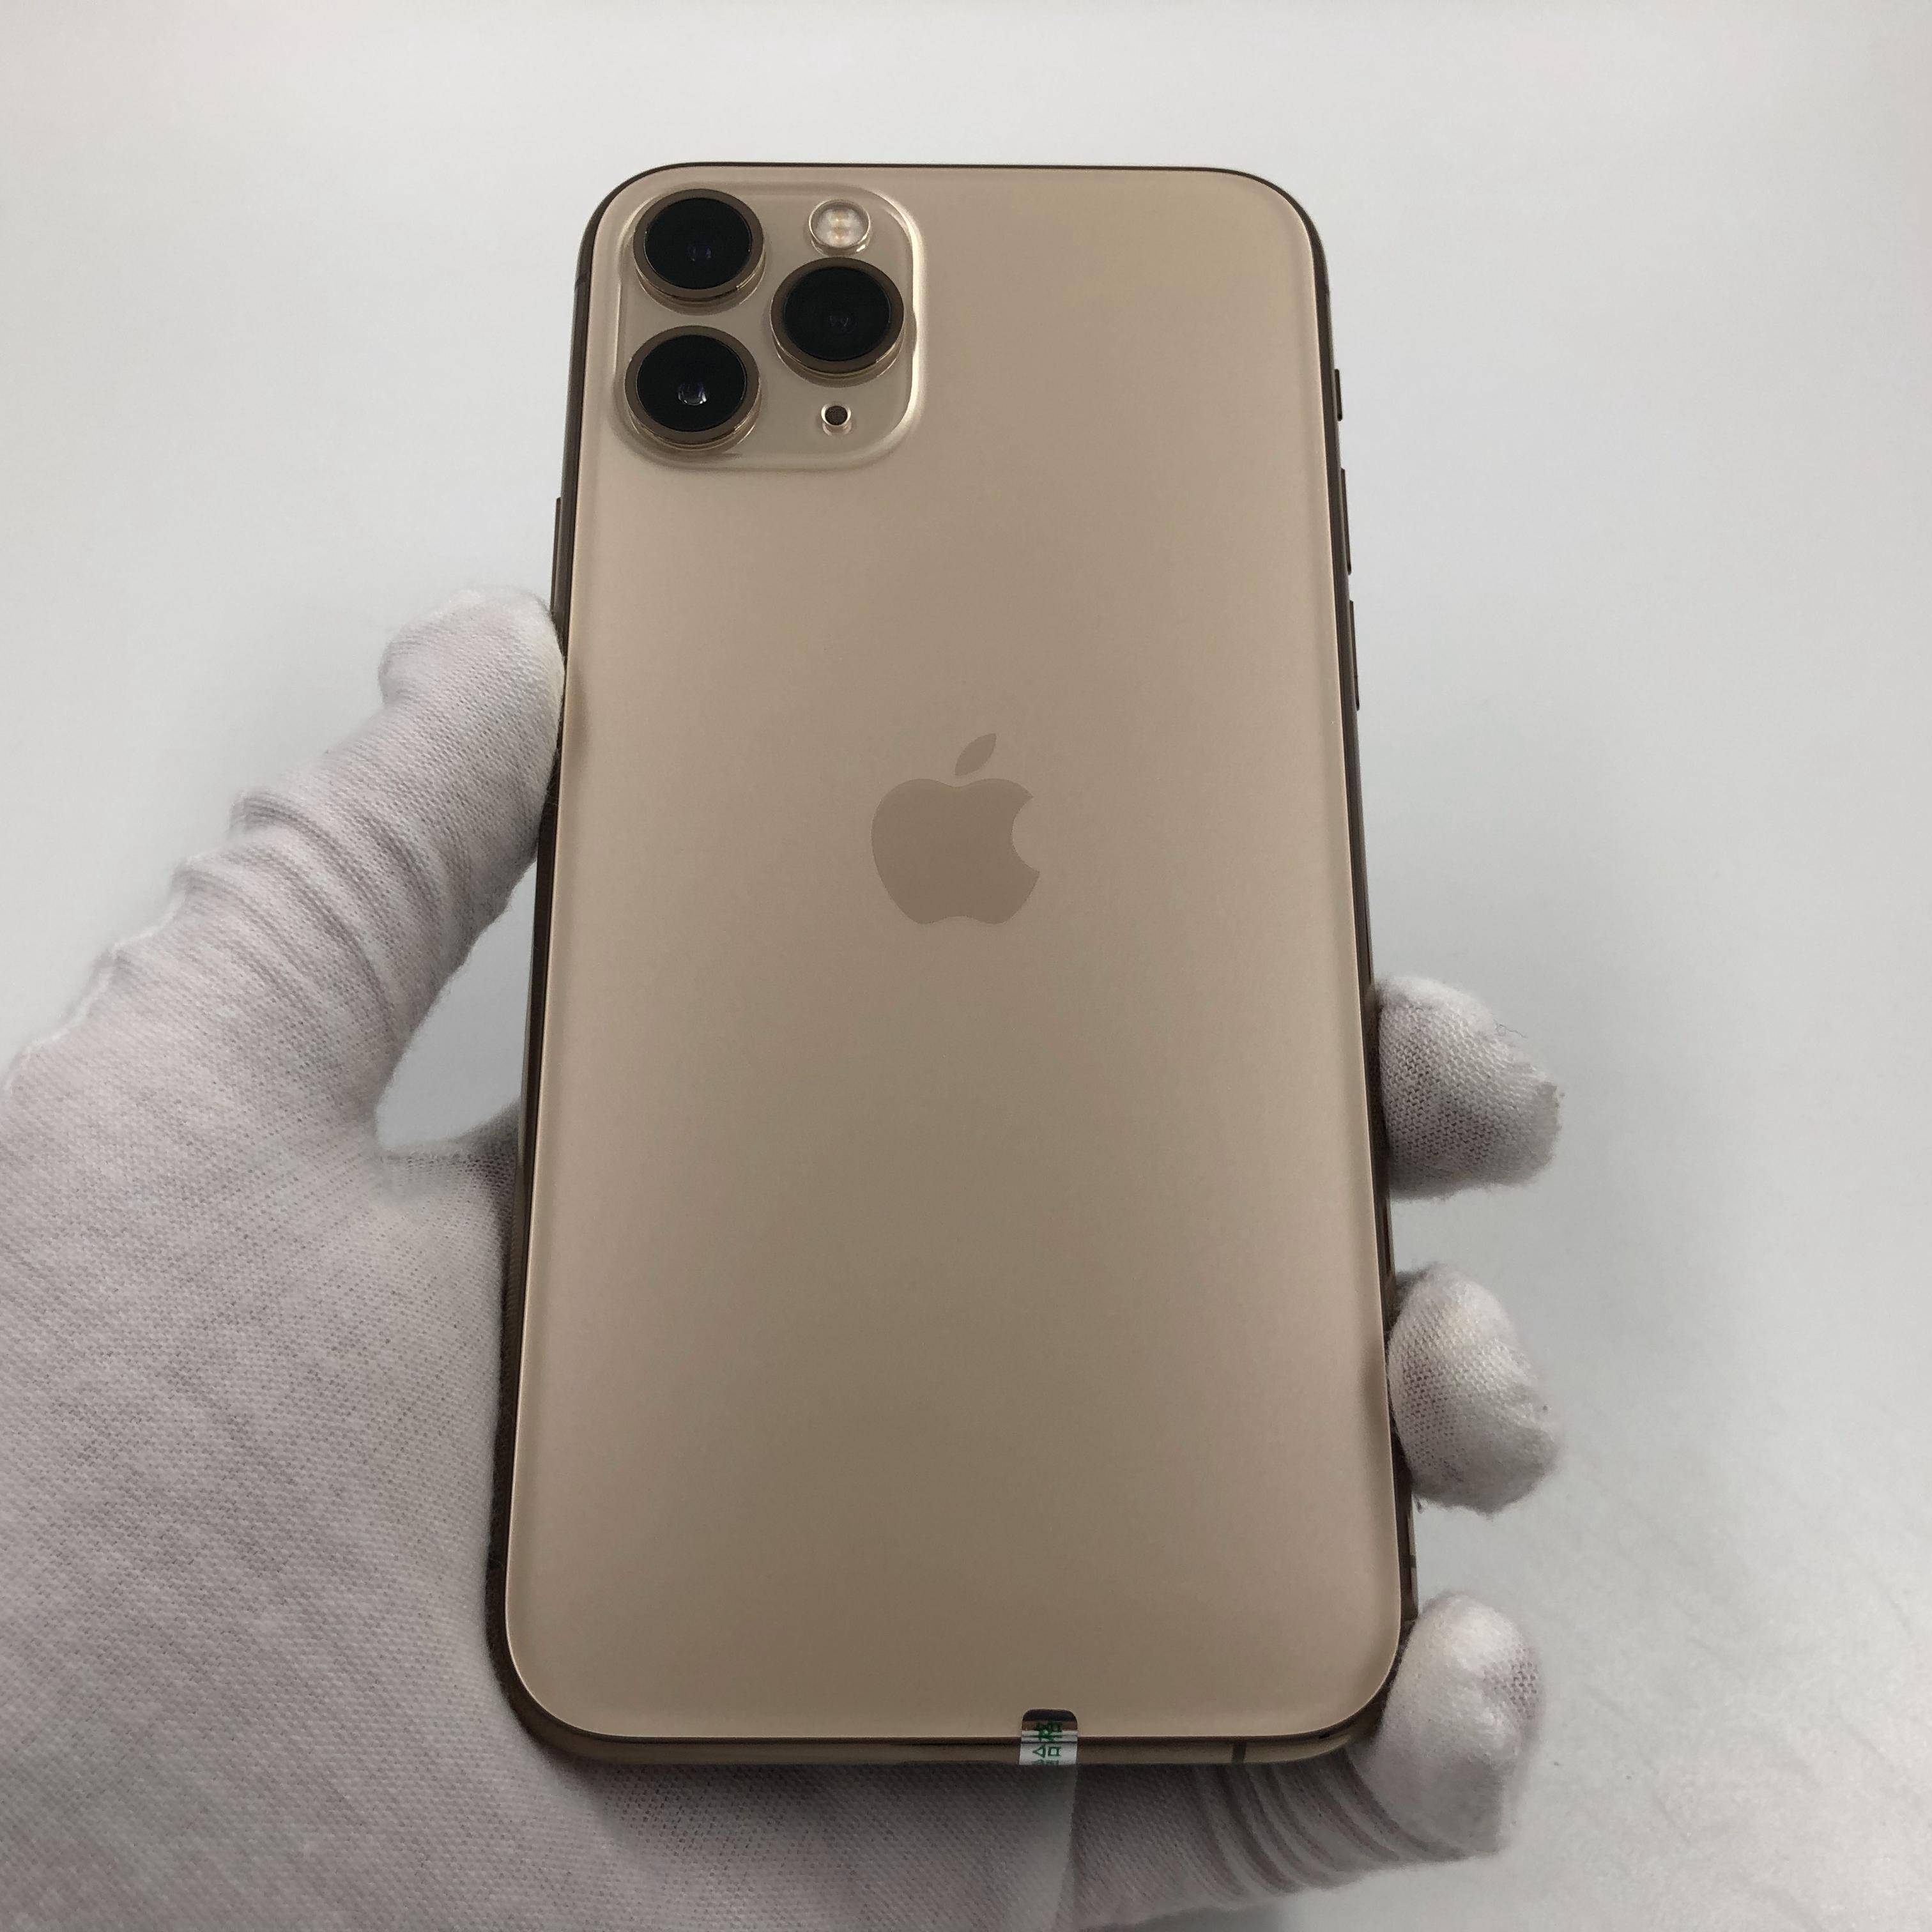 苹果【iPhone 11 Pro】4G全网通 金色 64G 国行 8成新 真机实拍